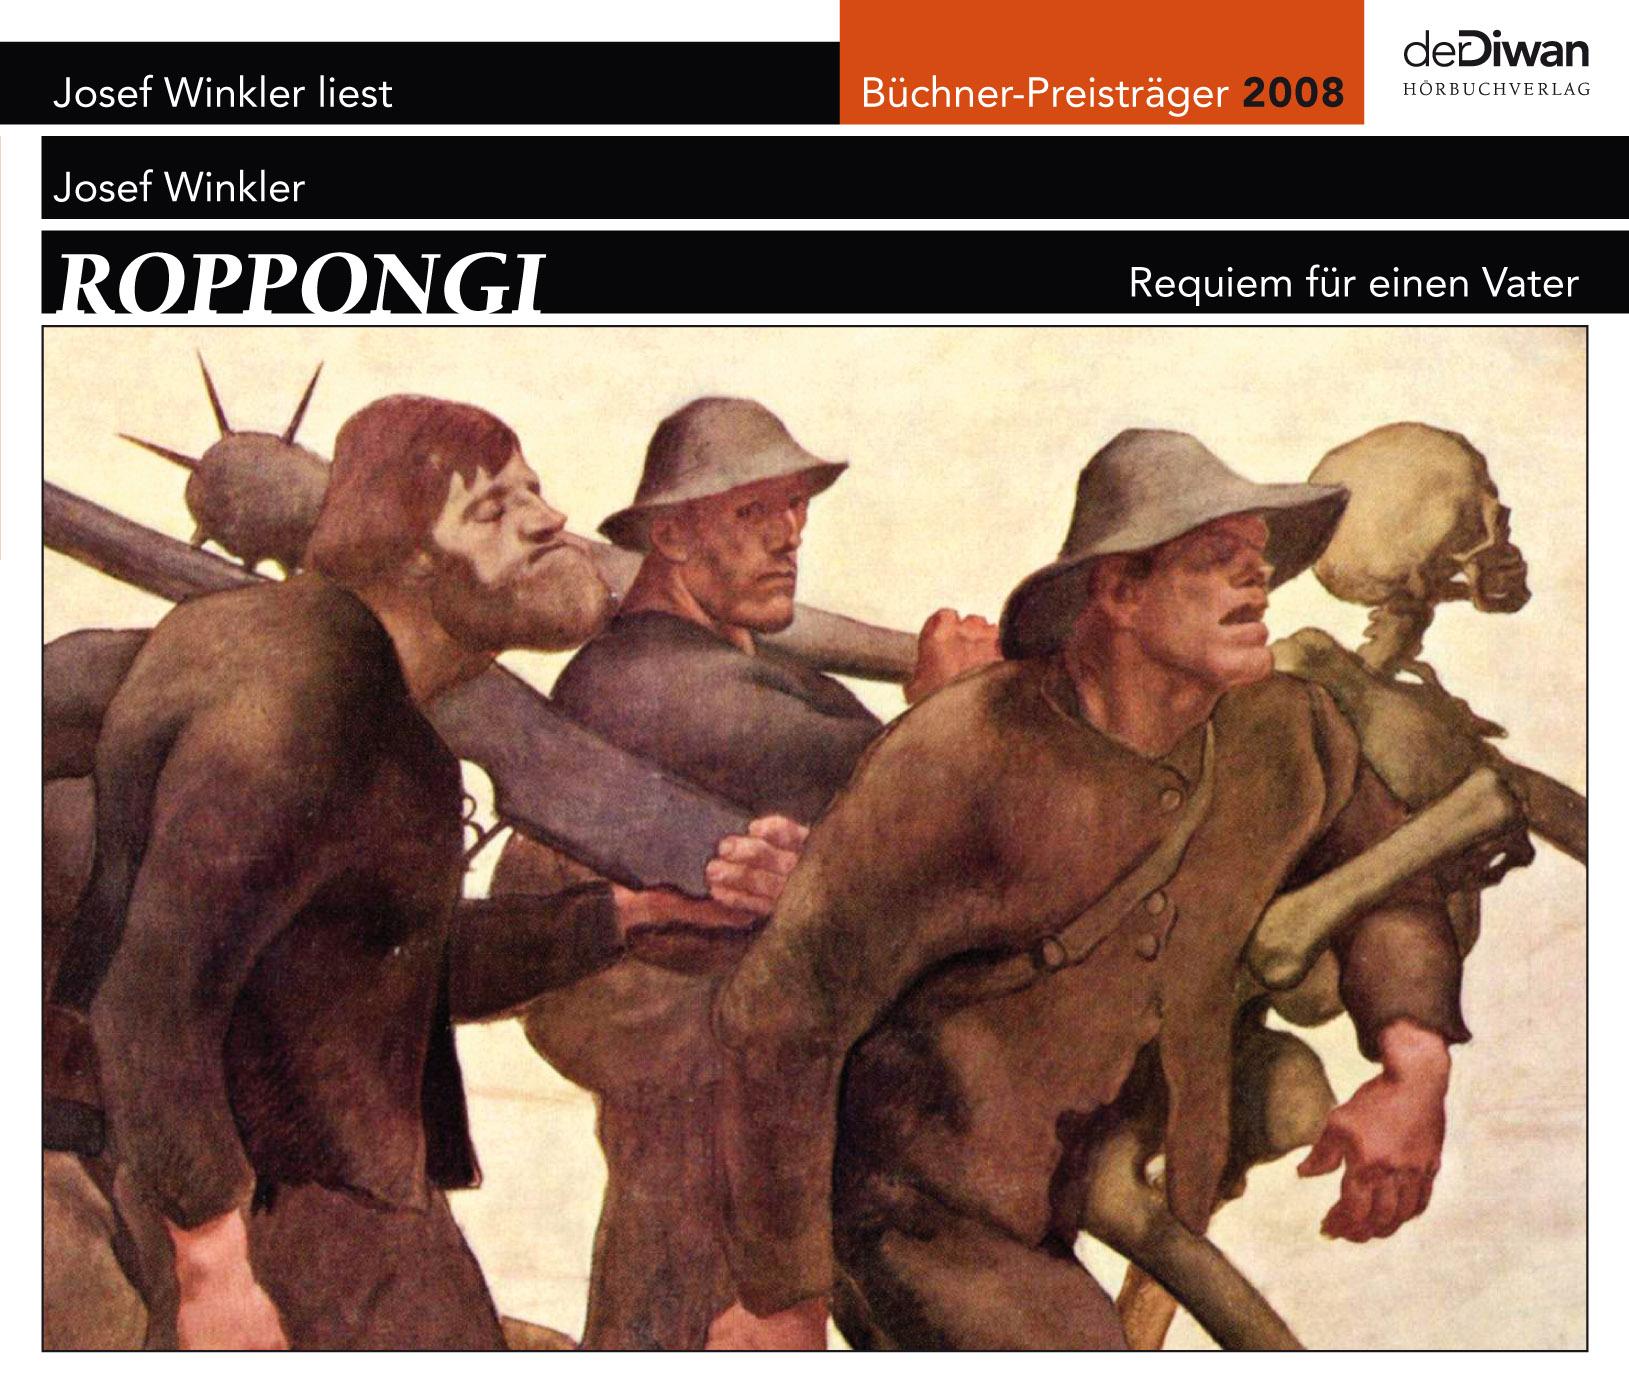 Josef Winkler liest Josef Winkler – ROPPONGI Requiem für einen Vater